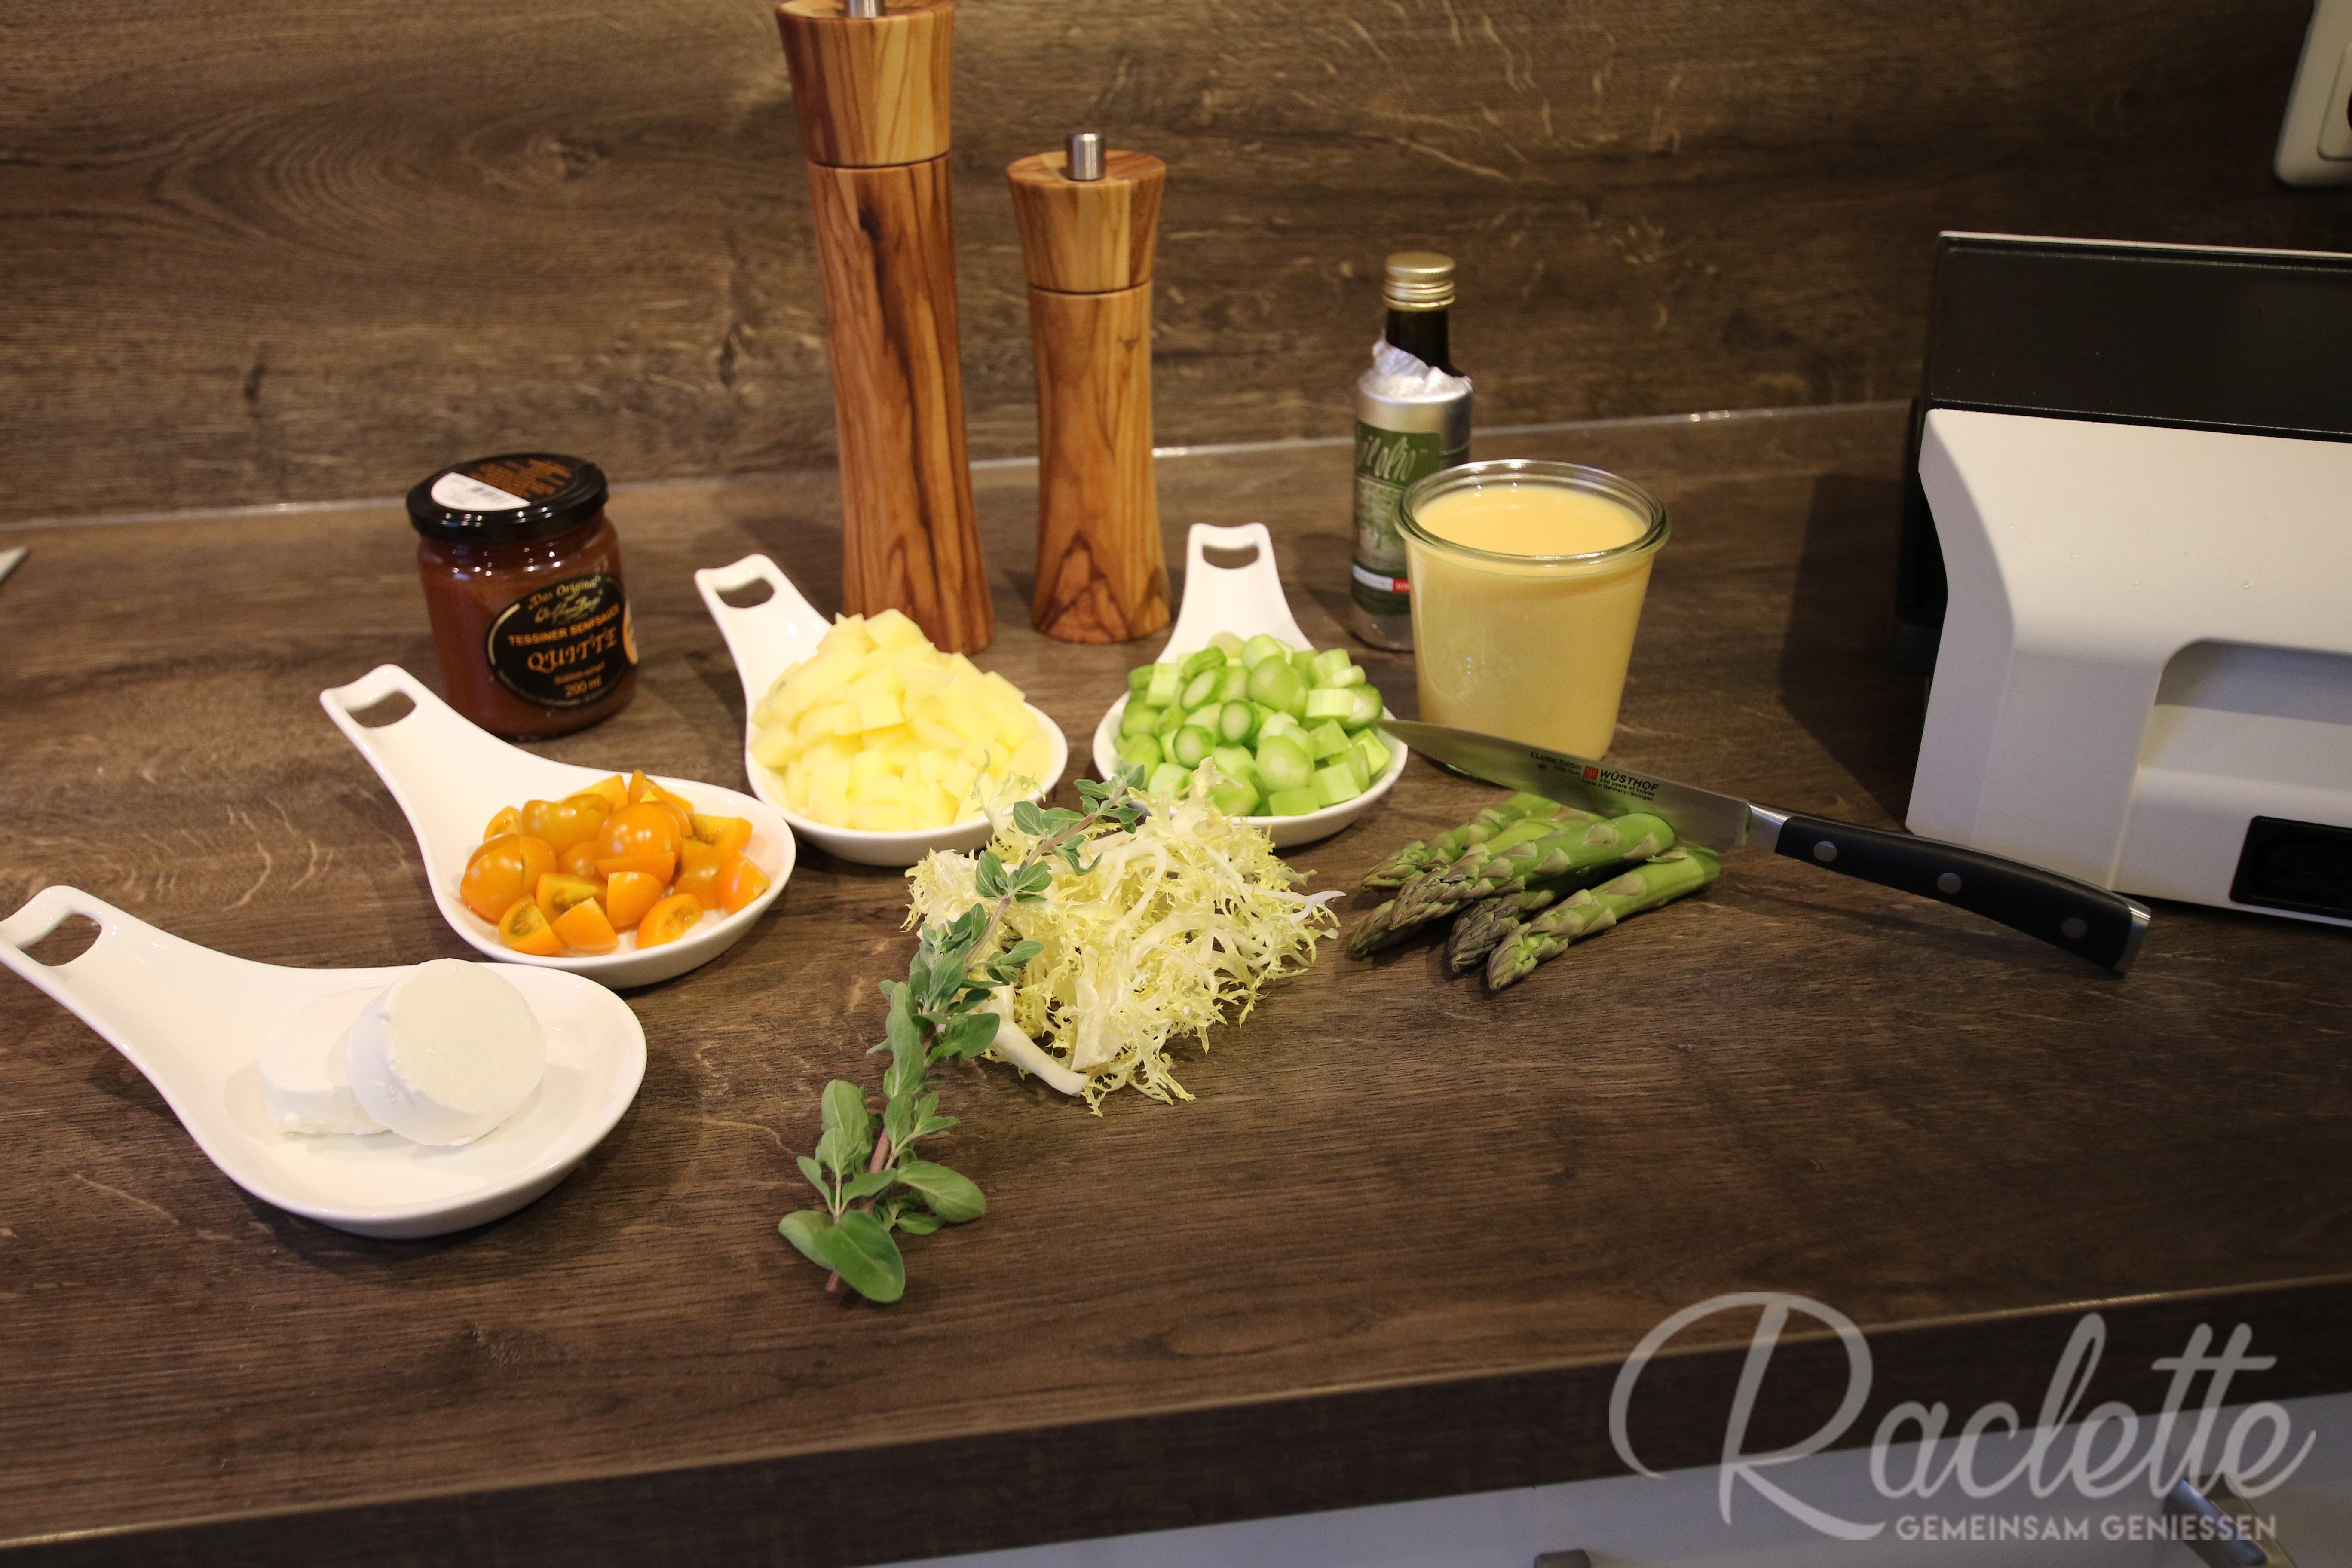 Sommerküche Chefkoch : Chefkoch ausgabe november eur picclick de